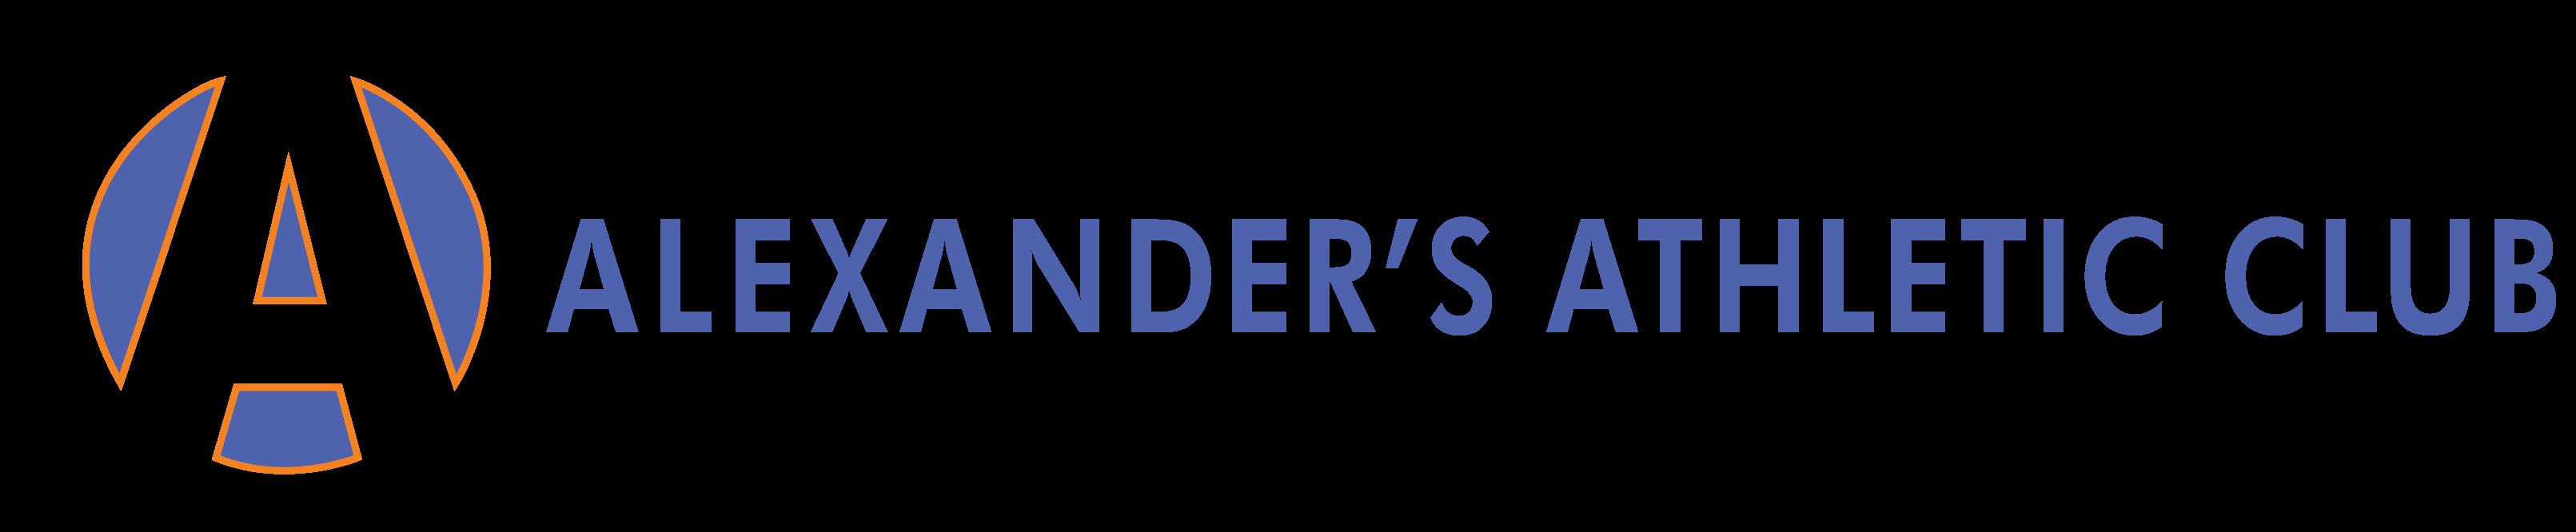 Alexander's Athletic Club Logo